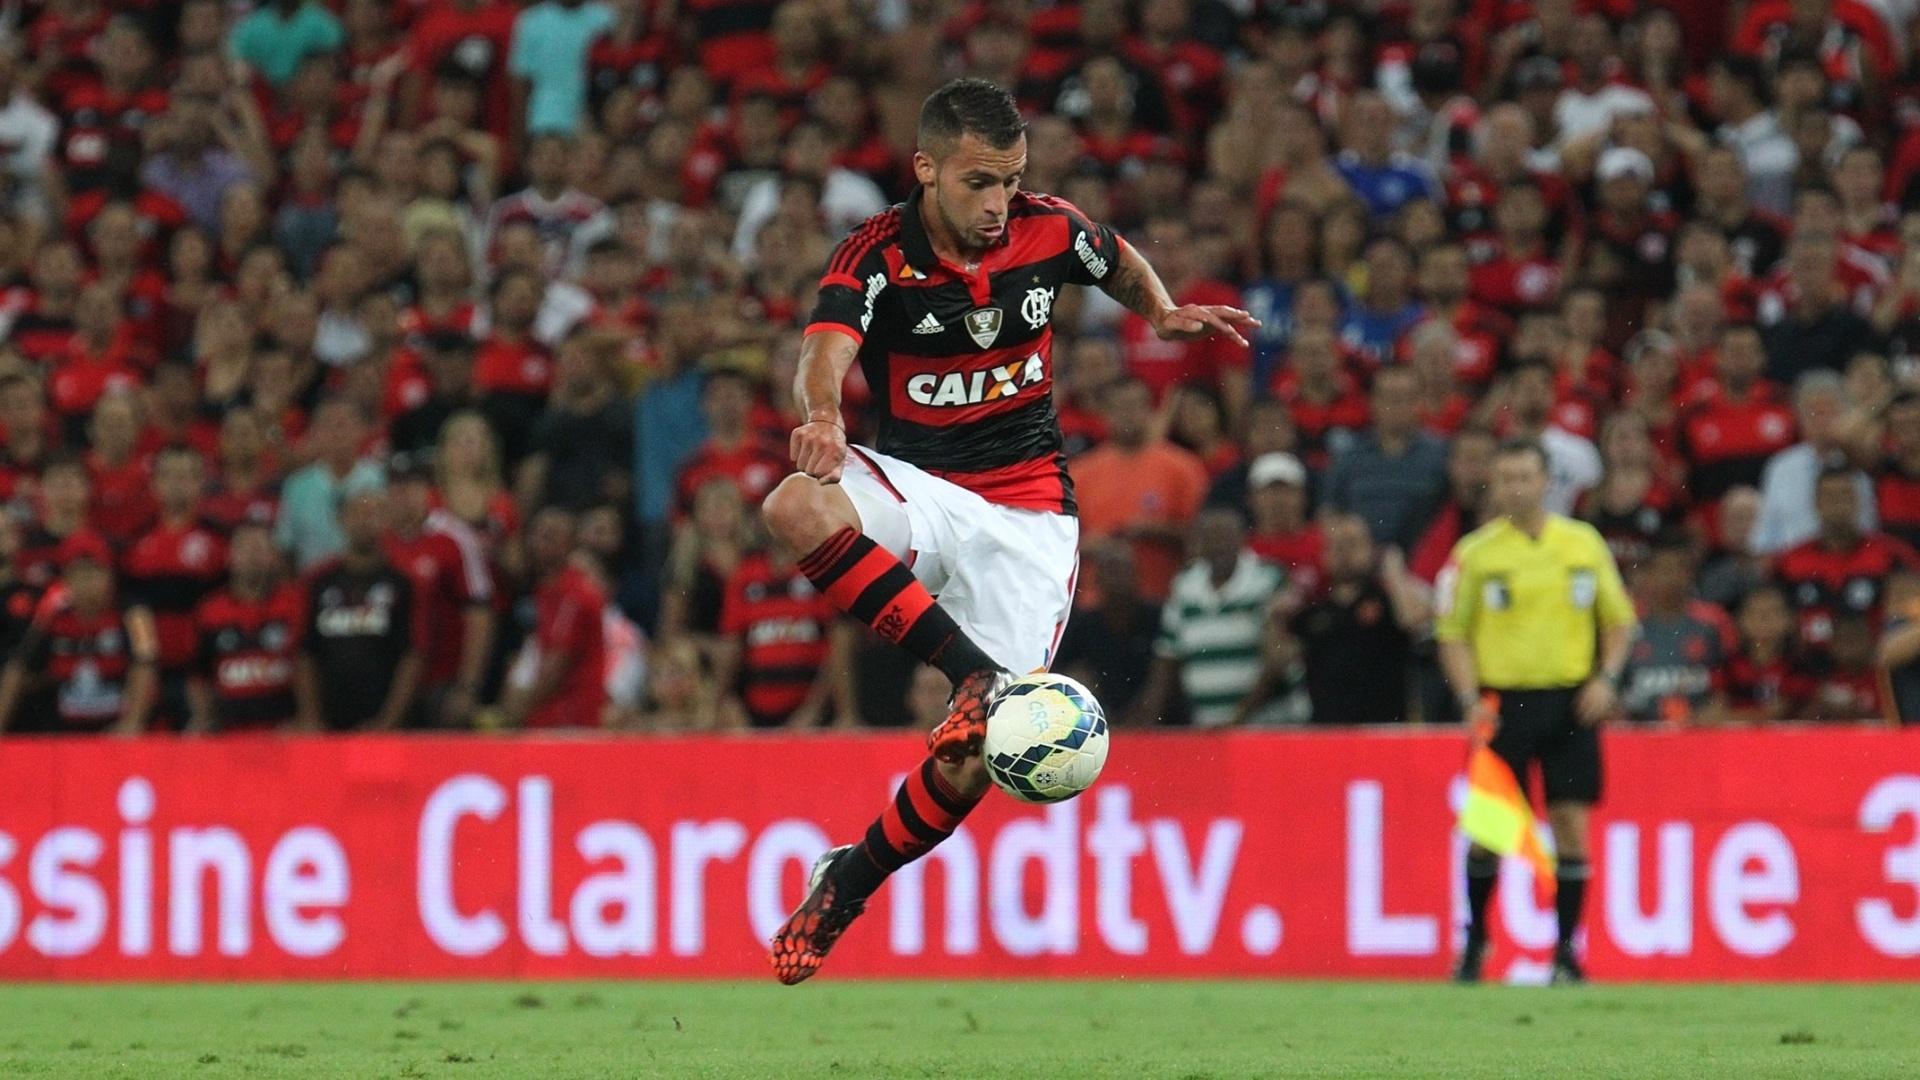 Canteros domina a bola na partida entre Flamengo e Atlético-MG pela semi da Copa do Brasil